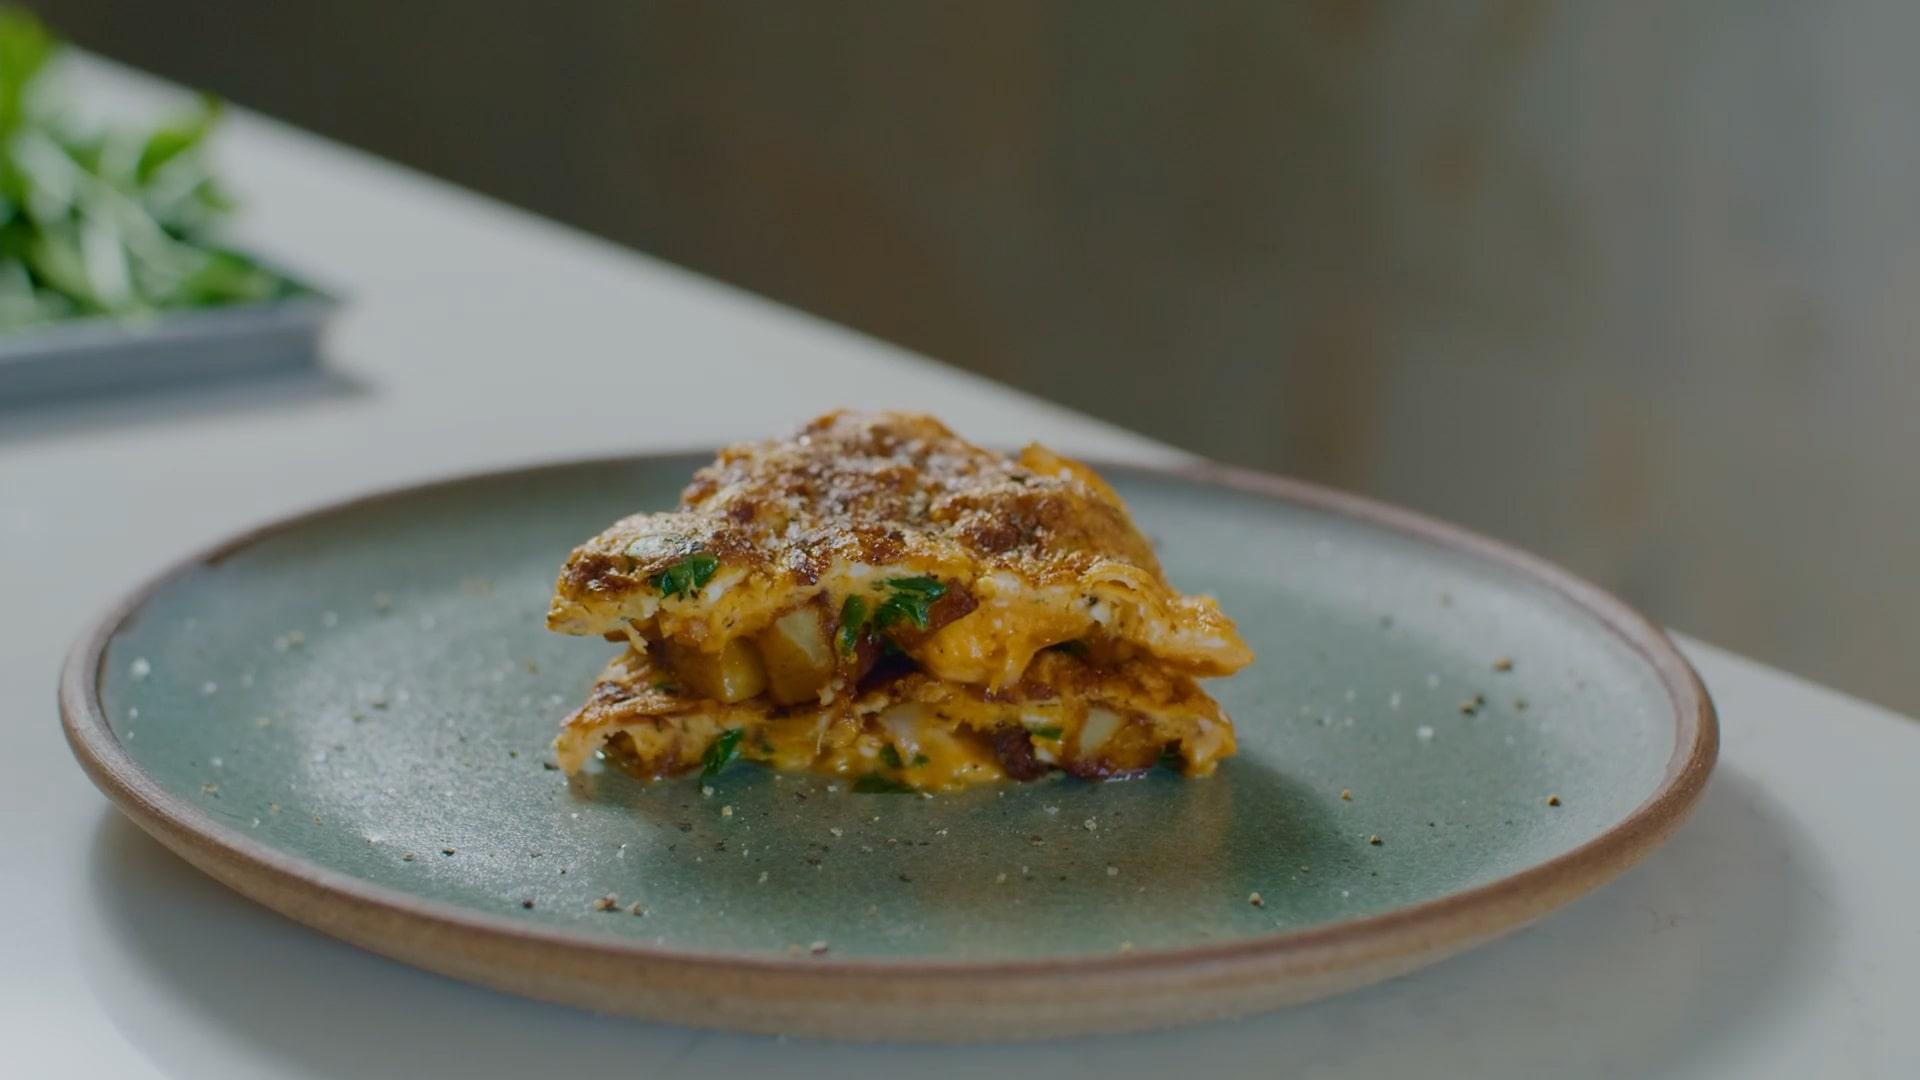 Chef Nicolas' potato omelette